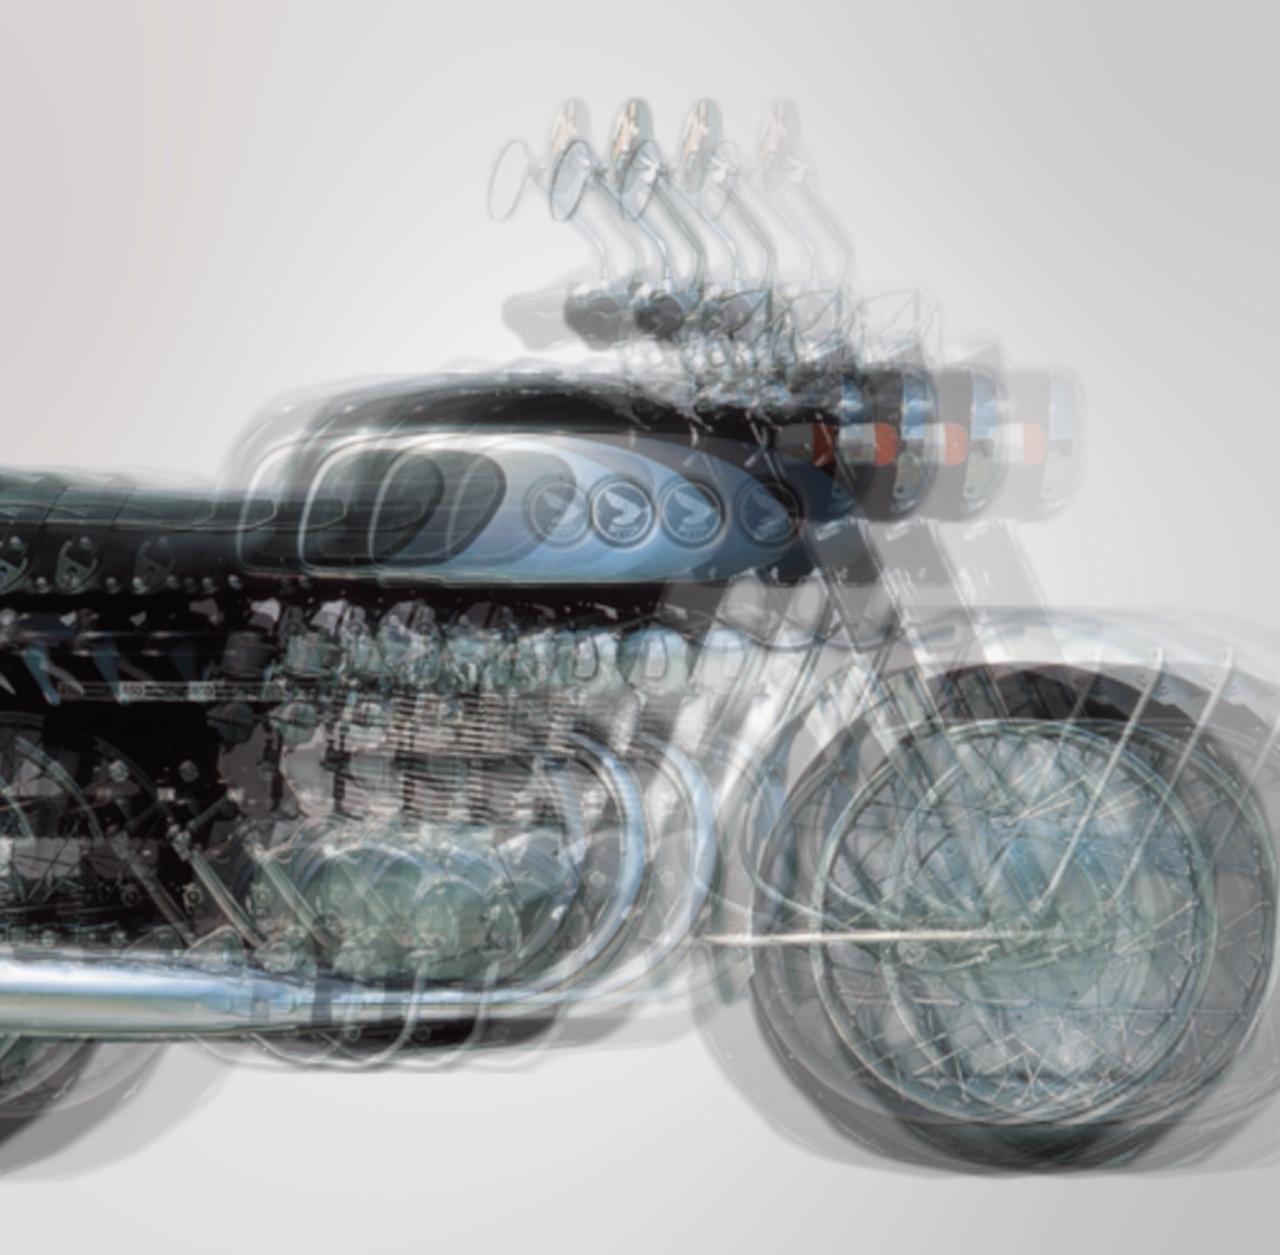 画像1: 【1966年発売のホンダといえば・・?】このバイク、わかるよね?【バイククイズ】